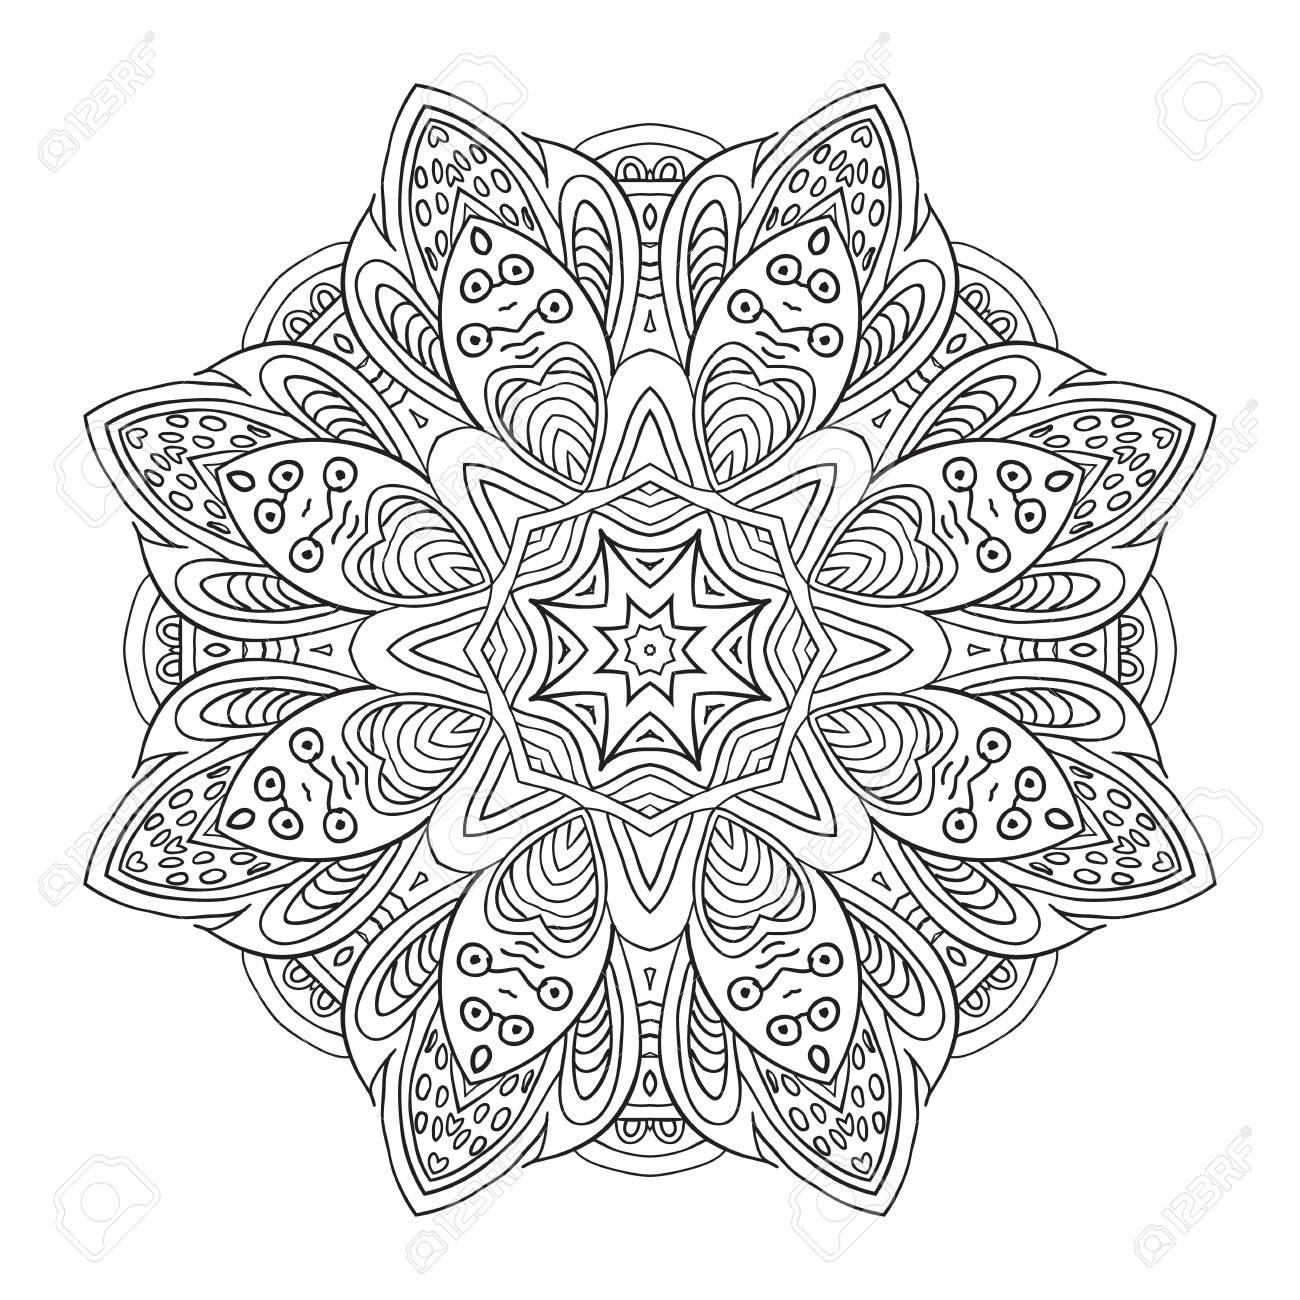 Mandala-Muster. Doodle Zeichnung. Runde Verzierung Färbung ...